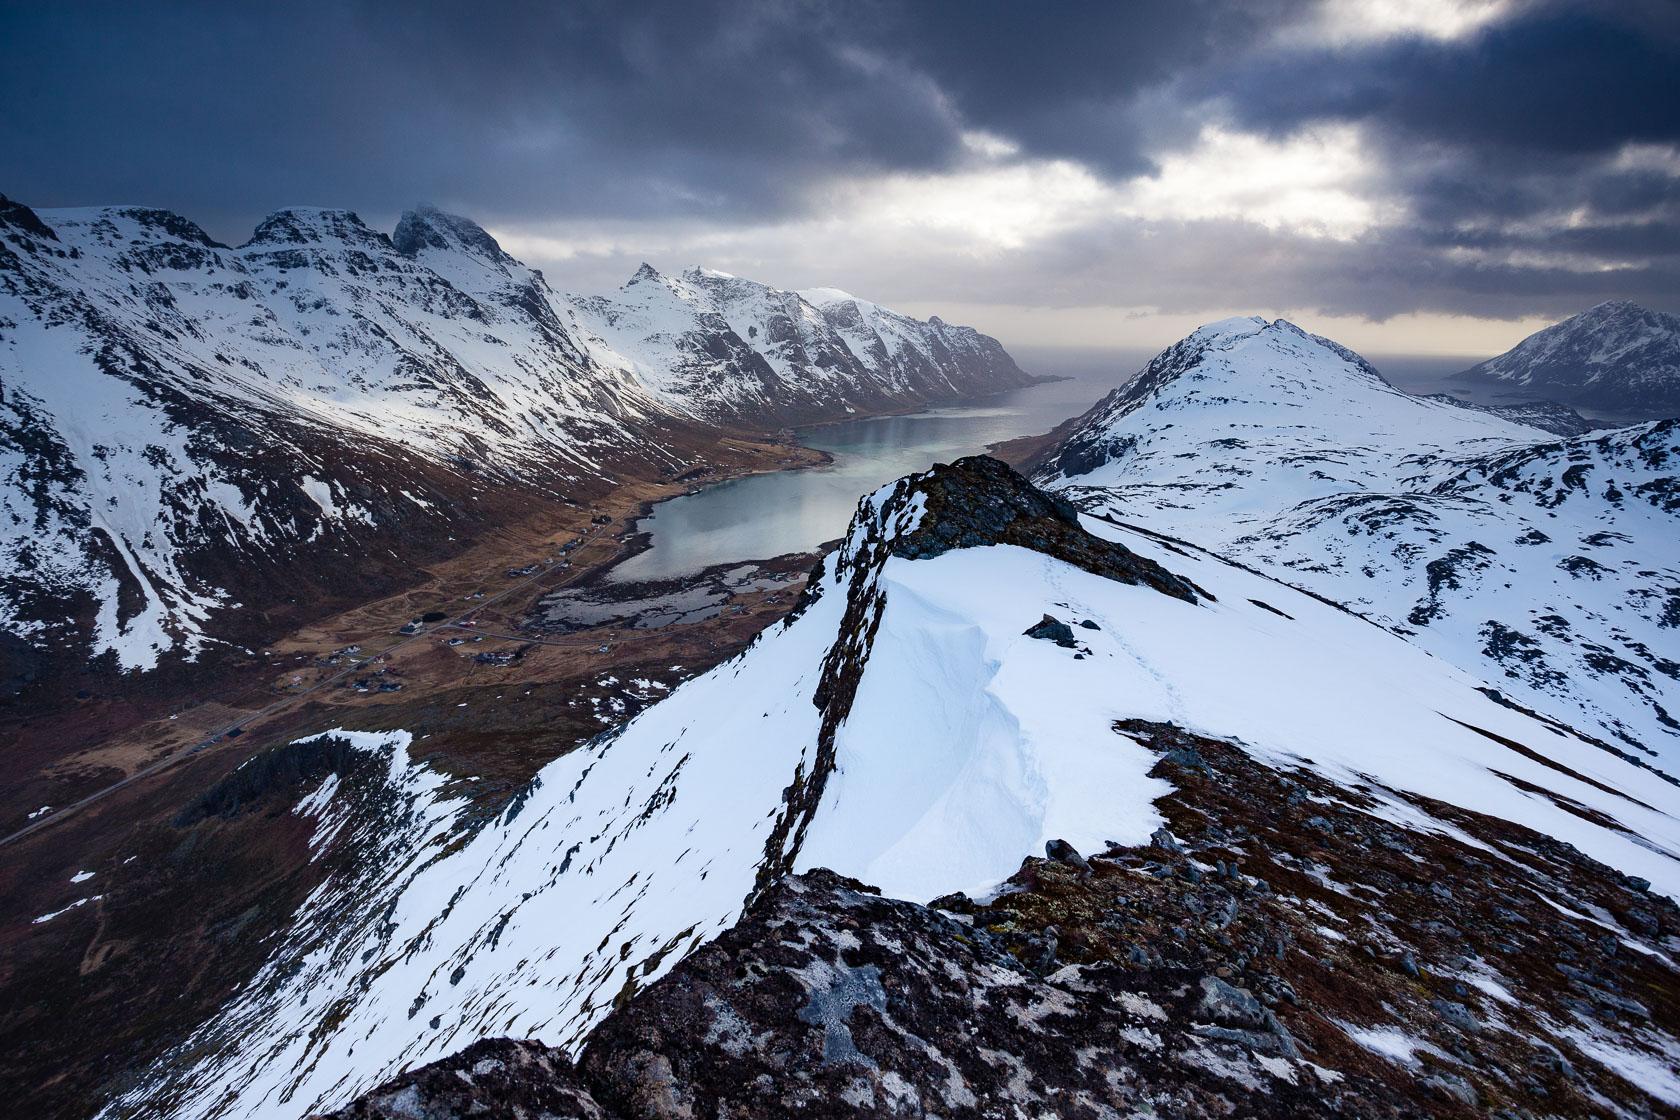 Vue sur le Skjelfjorden depuis le Volandstinden, pendant un voyage photo dans les Lofoten